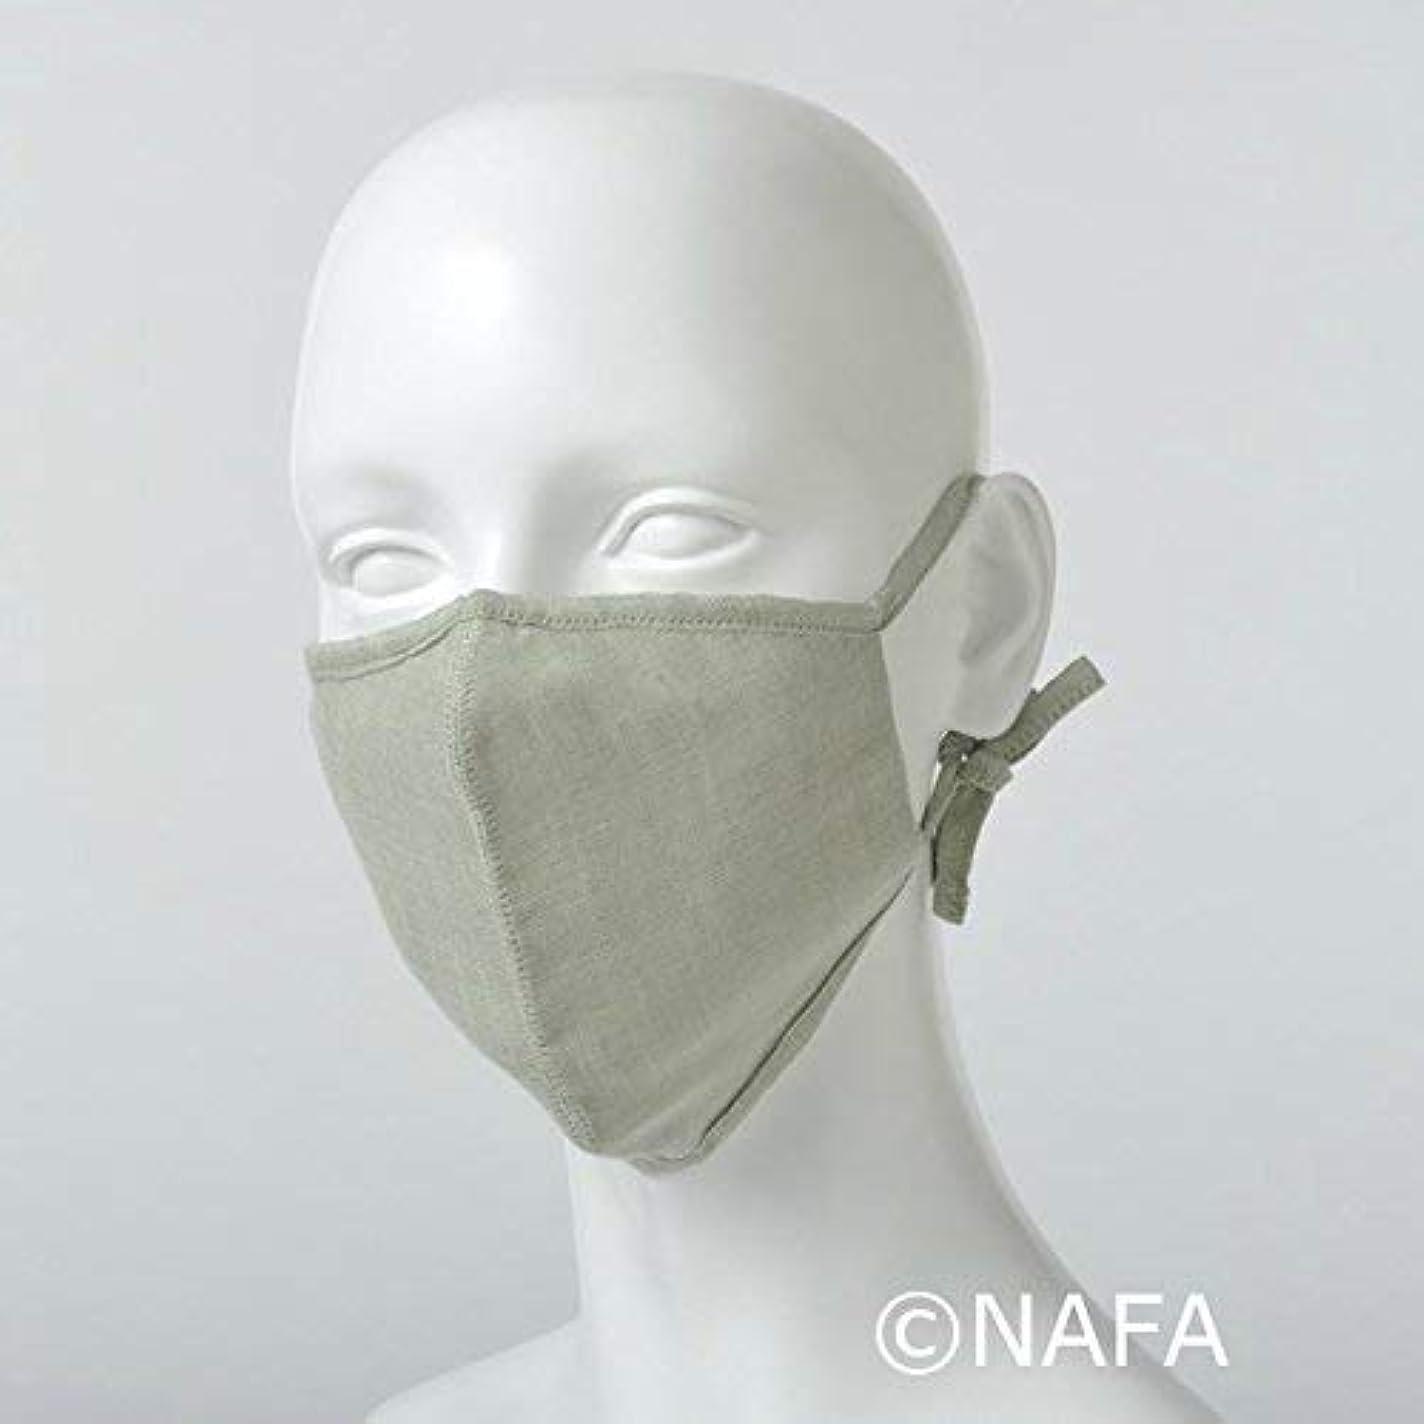 せっかち大陸のスコアTAKEFU 竹のうるおいマスク ユニセックス 若竹(わかたけ) フリーサイズ (竹布 マスク)